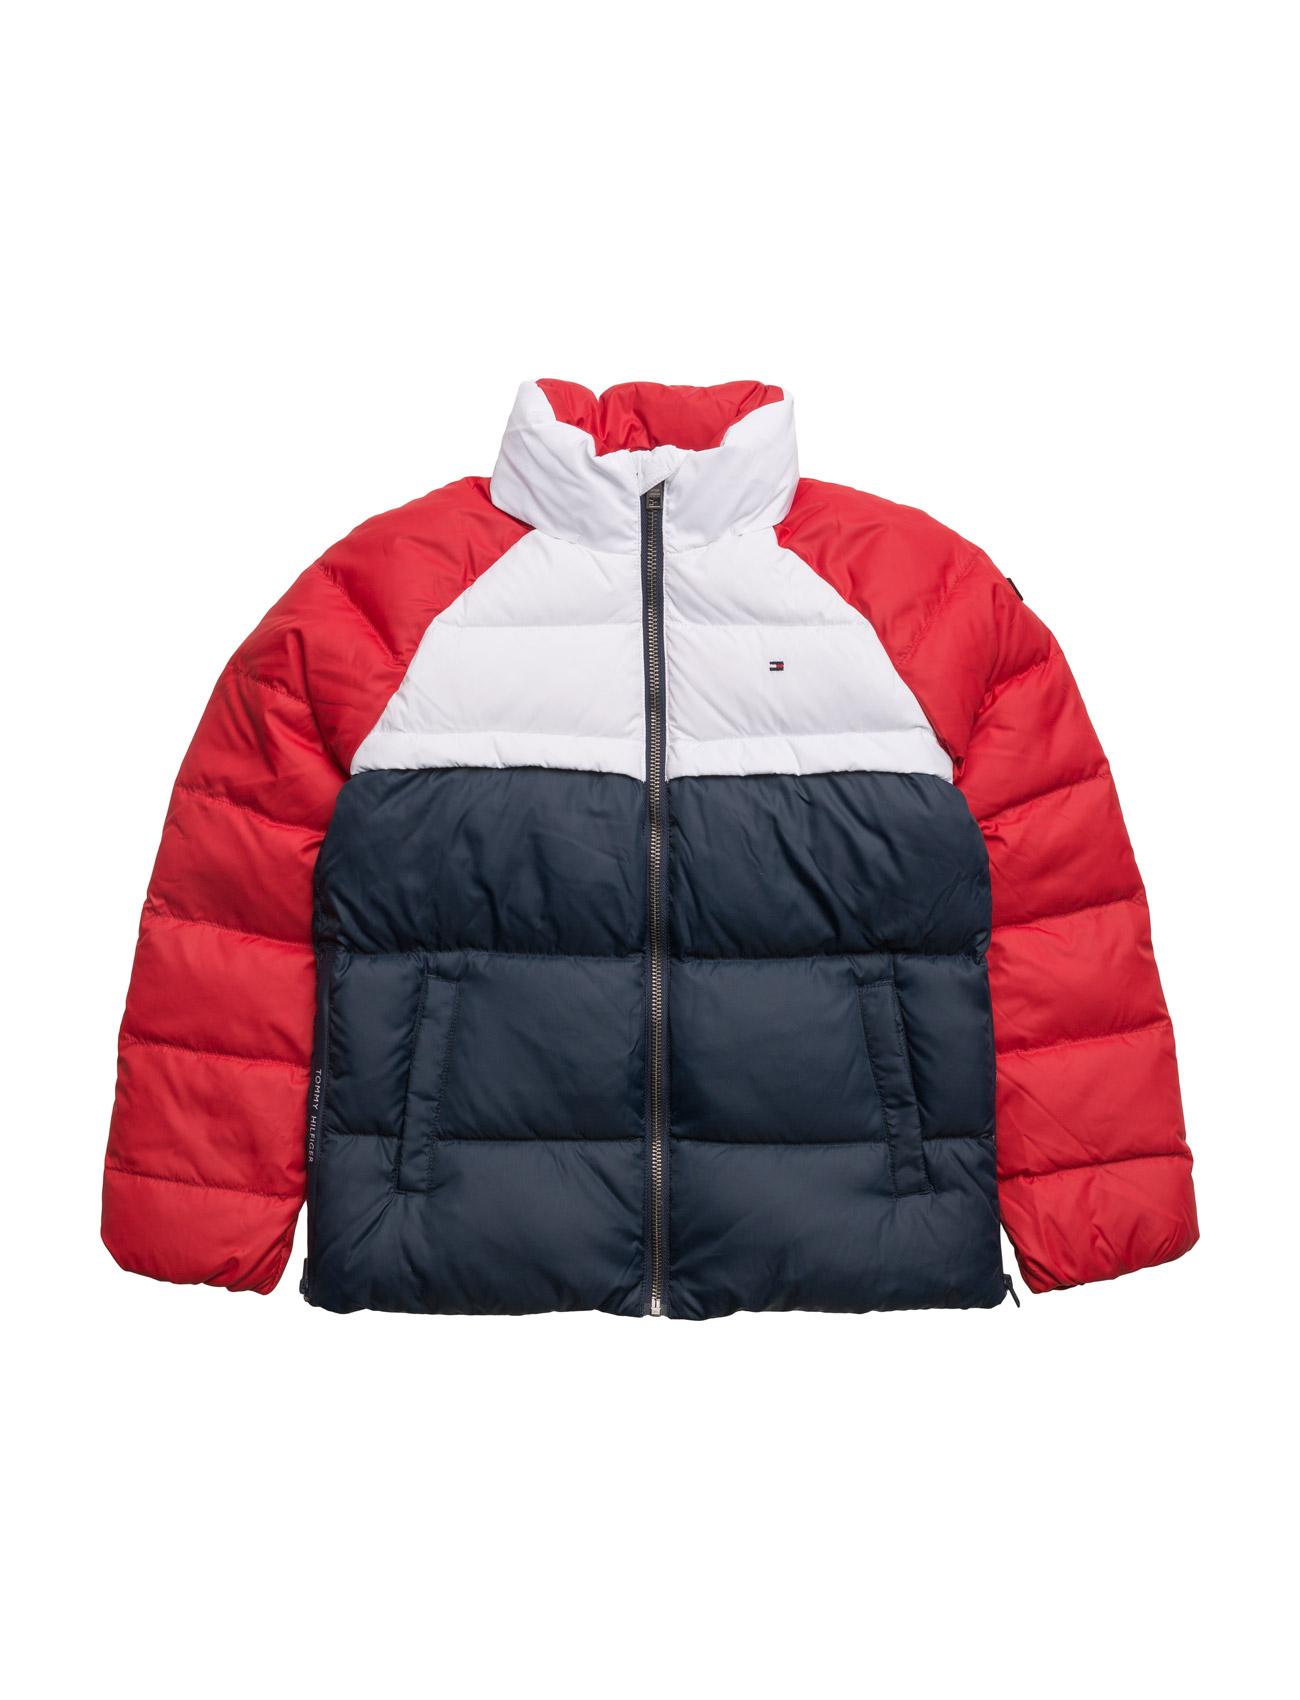 Thkg Rwb Down Colorblock Jacket Tommy Hilfiger Jakker & Frakker til Børn i Blå